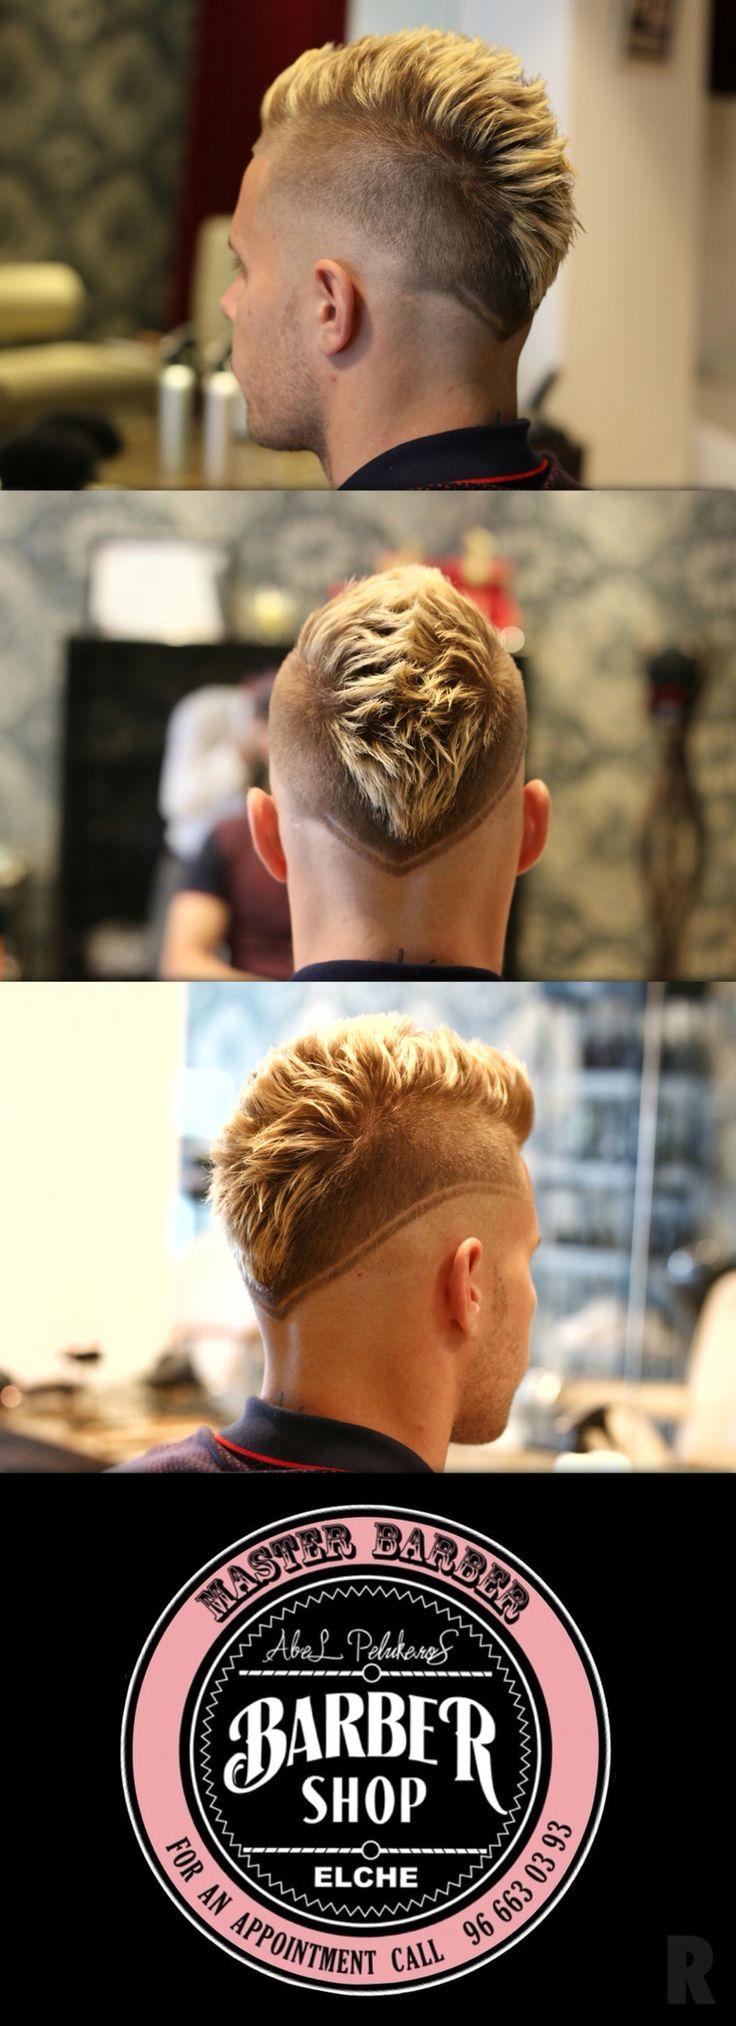 Las 25 mejores ideas sobre nuevos cortes de pelo en - Nuevo estilo peluqueria ...